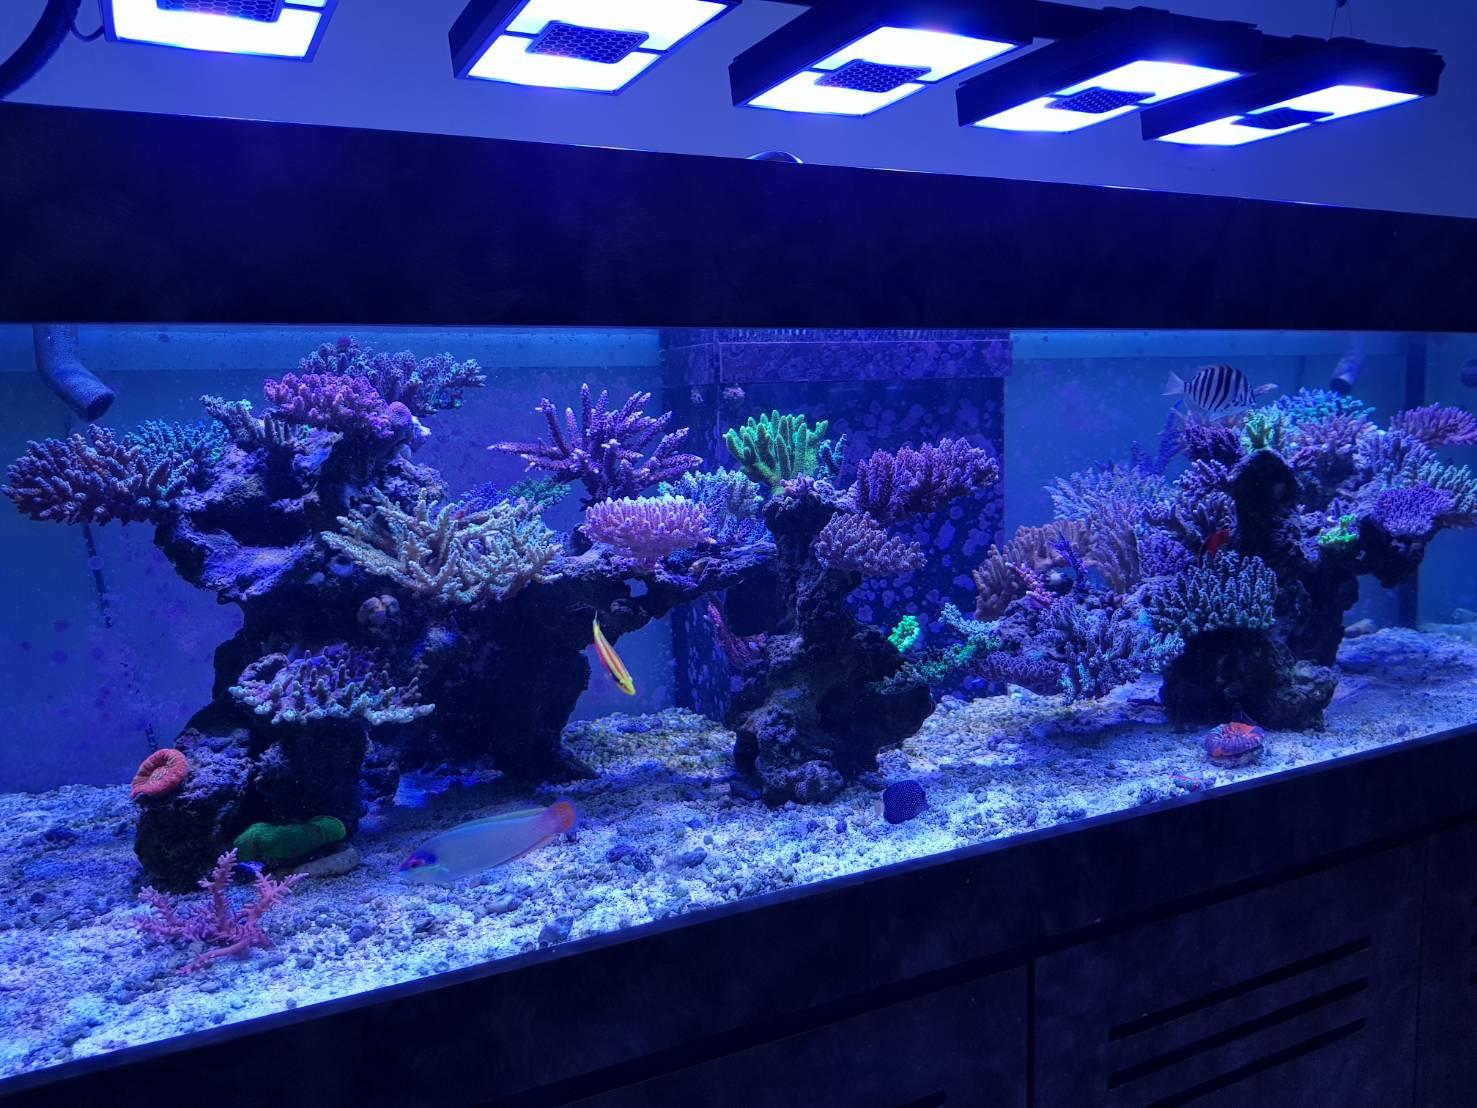 Ecotech Radion XR30 G4 Pro - Reef Market SG - Singapore Reef